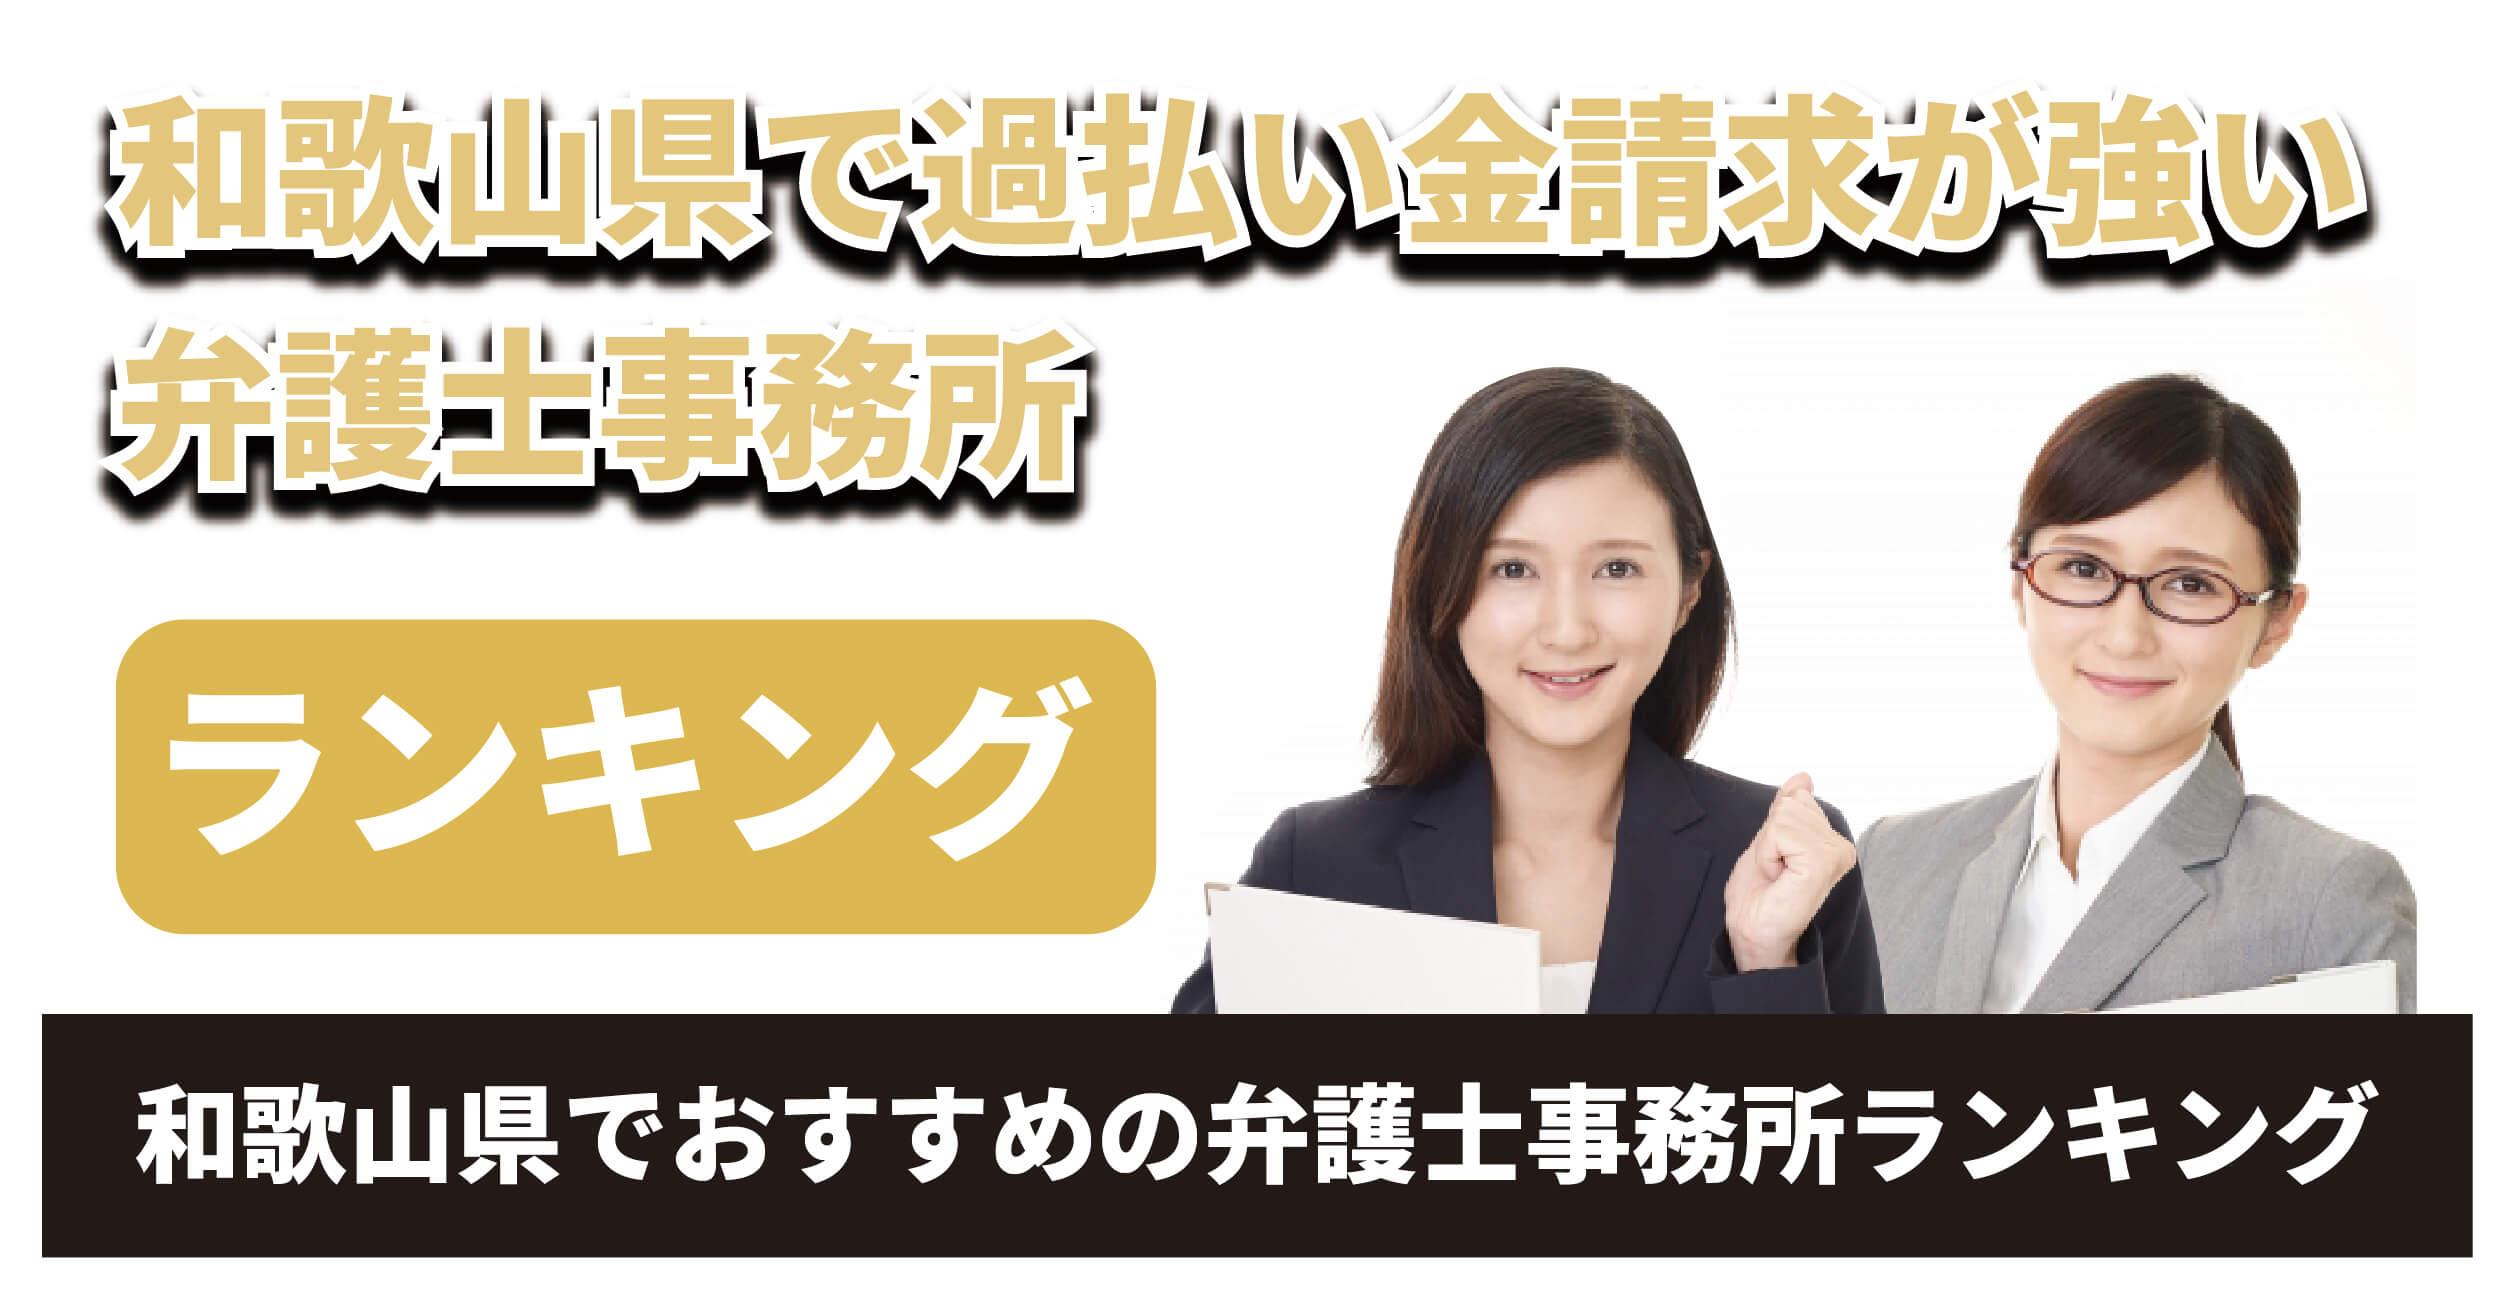 和歌山県で過払い金請求が強い弁護士は?